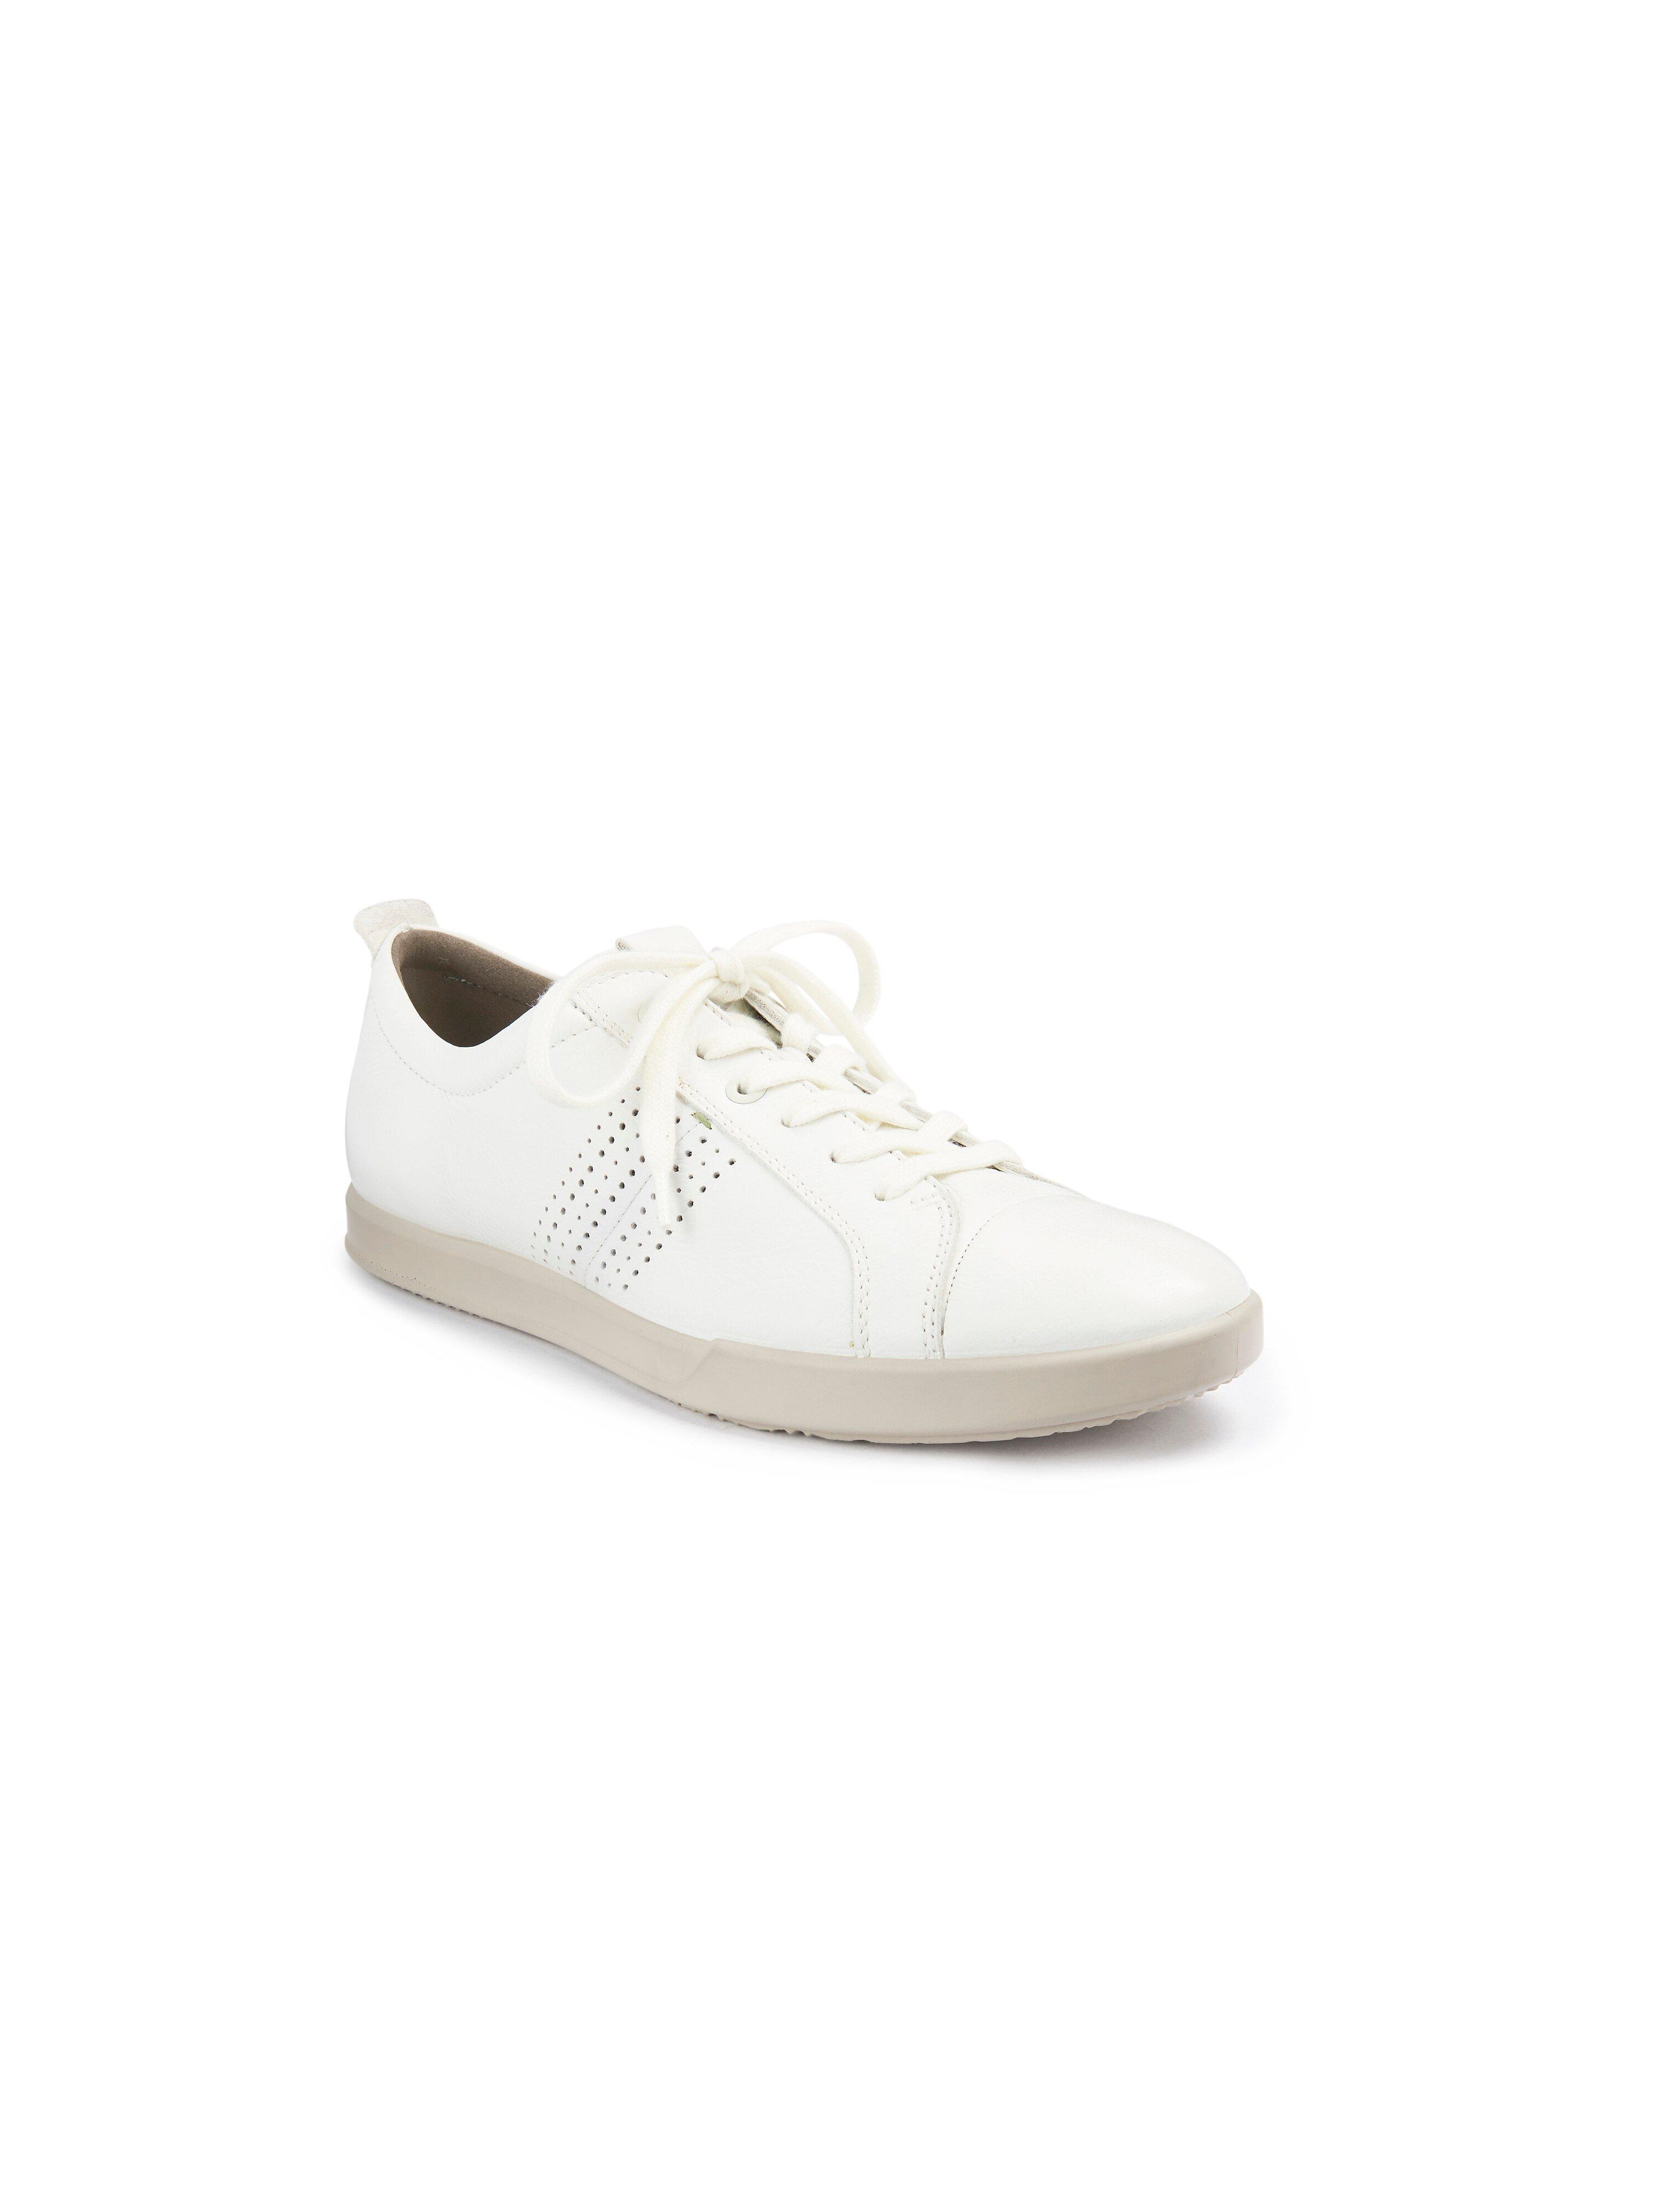 Sneakers Van Ecco wit